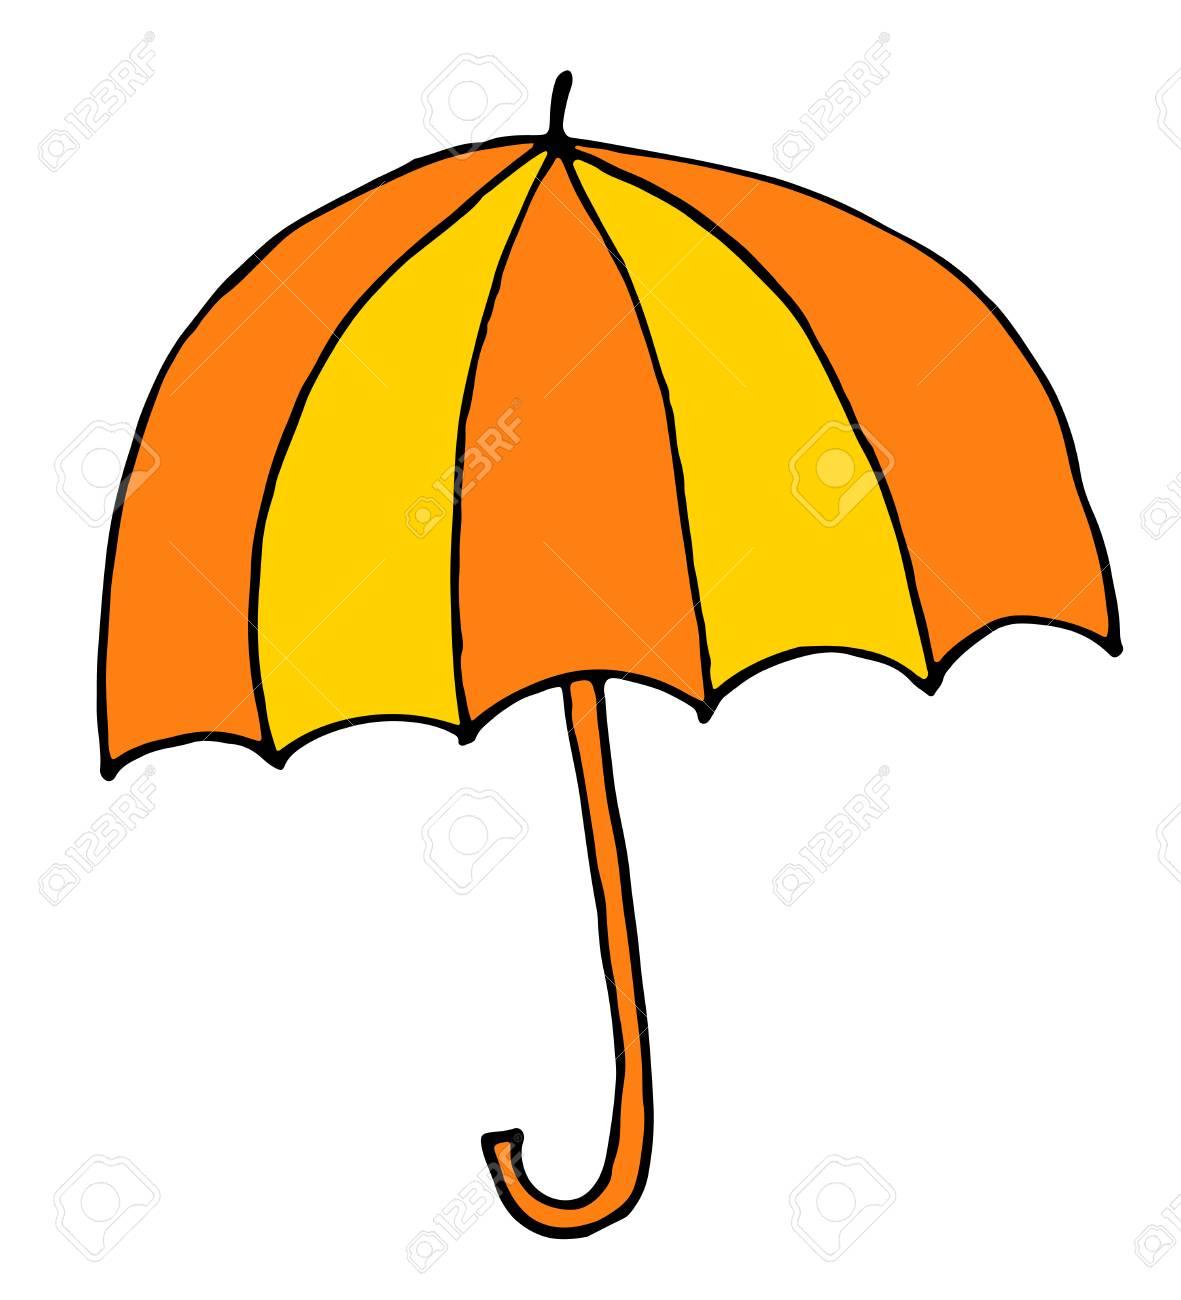 Banque dimages main de parapluie dessin illustration vectorielle de dessin animé croquis dans le style de doodle